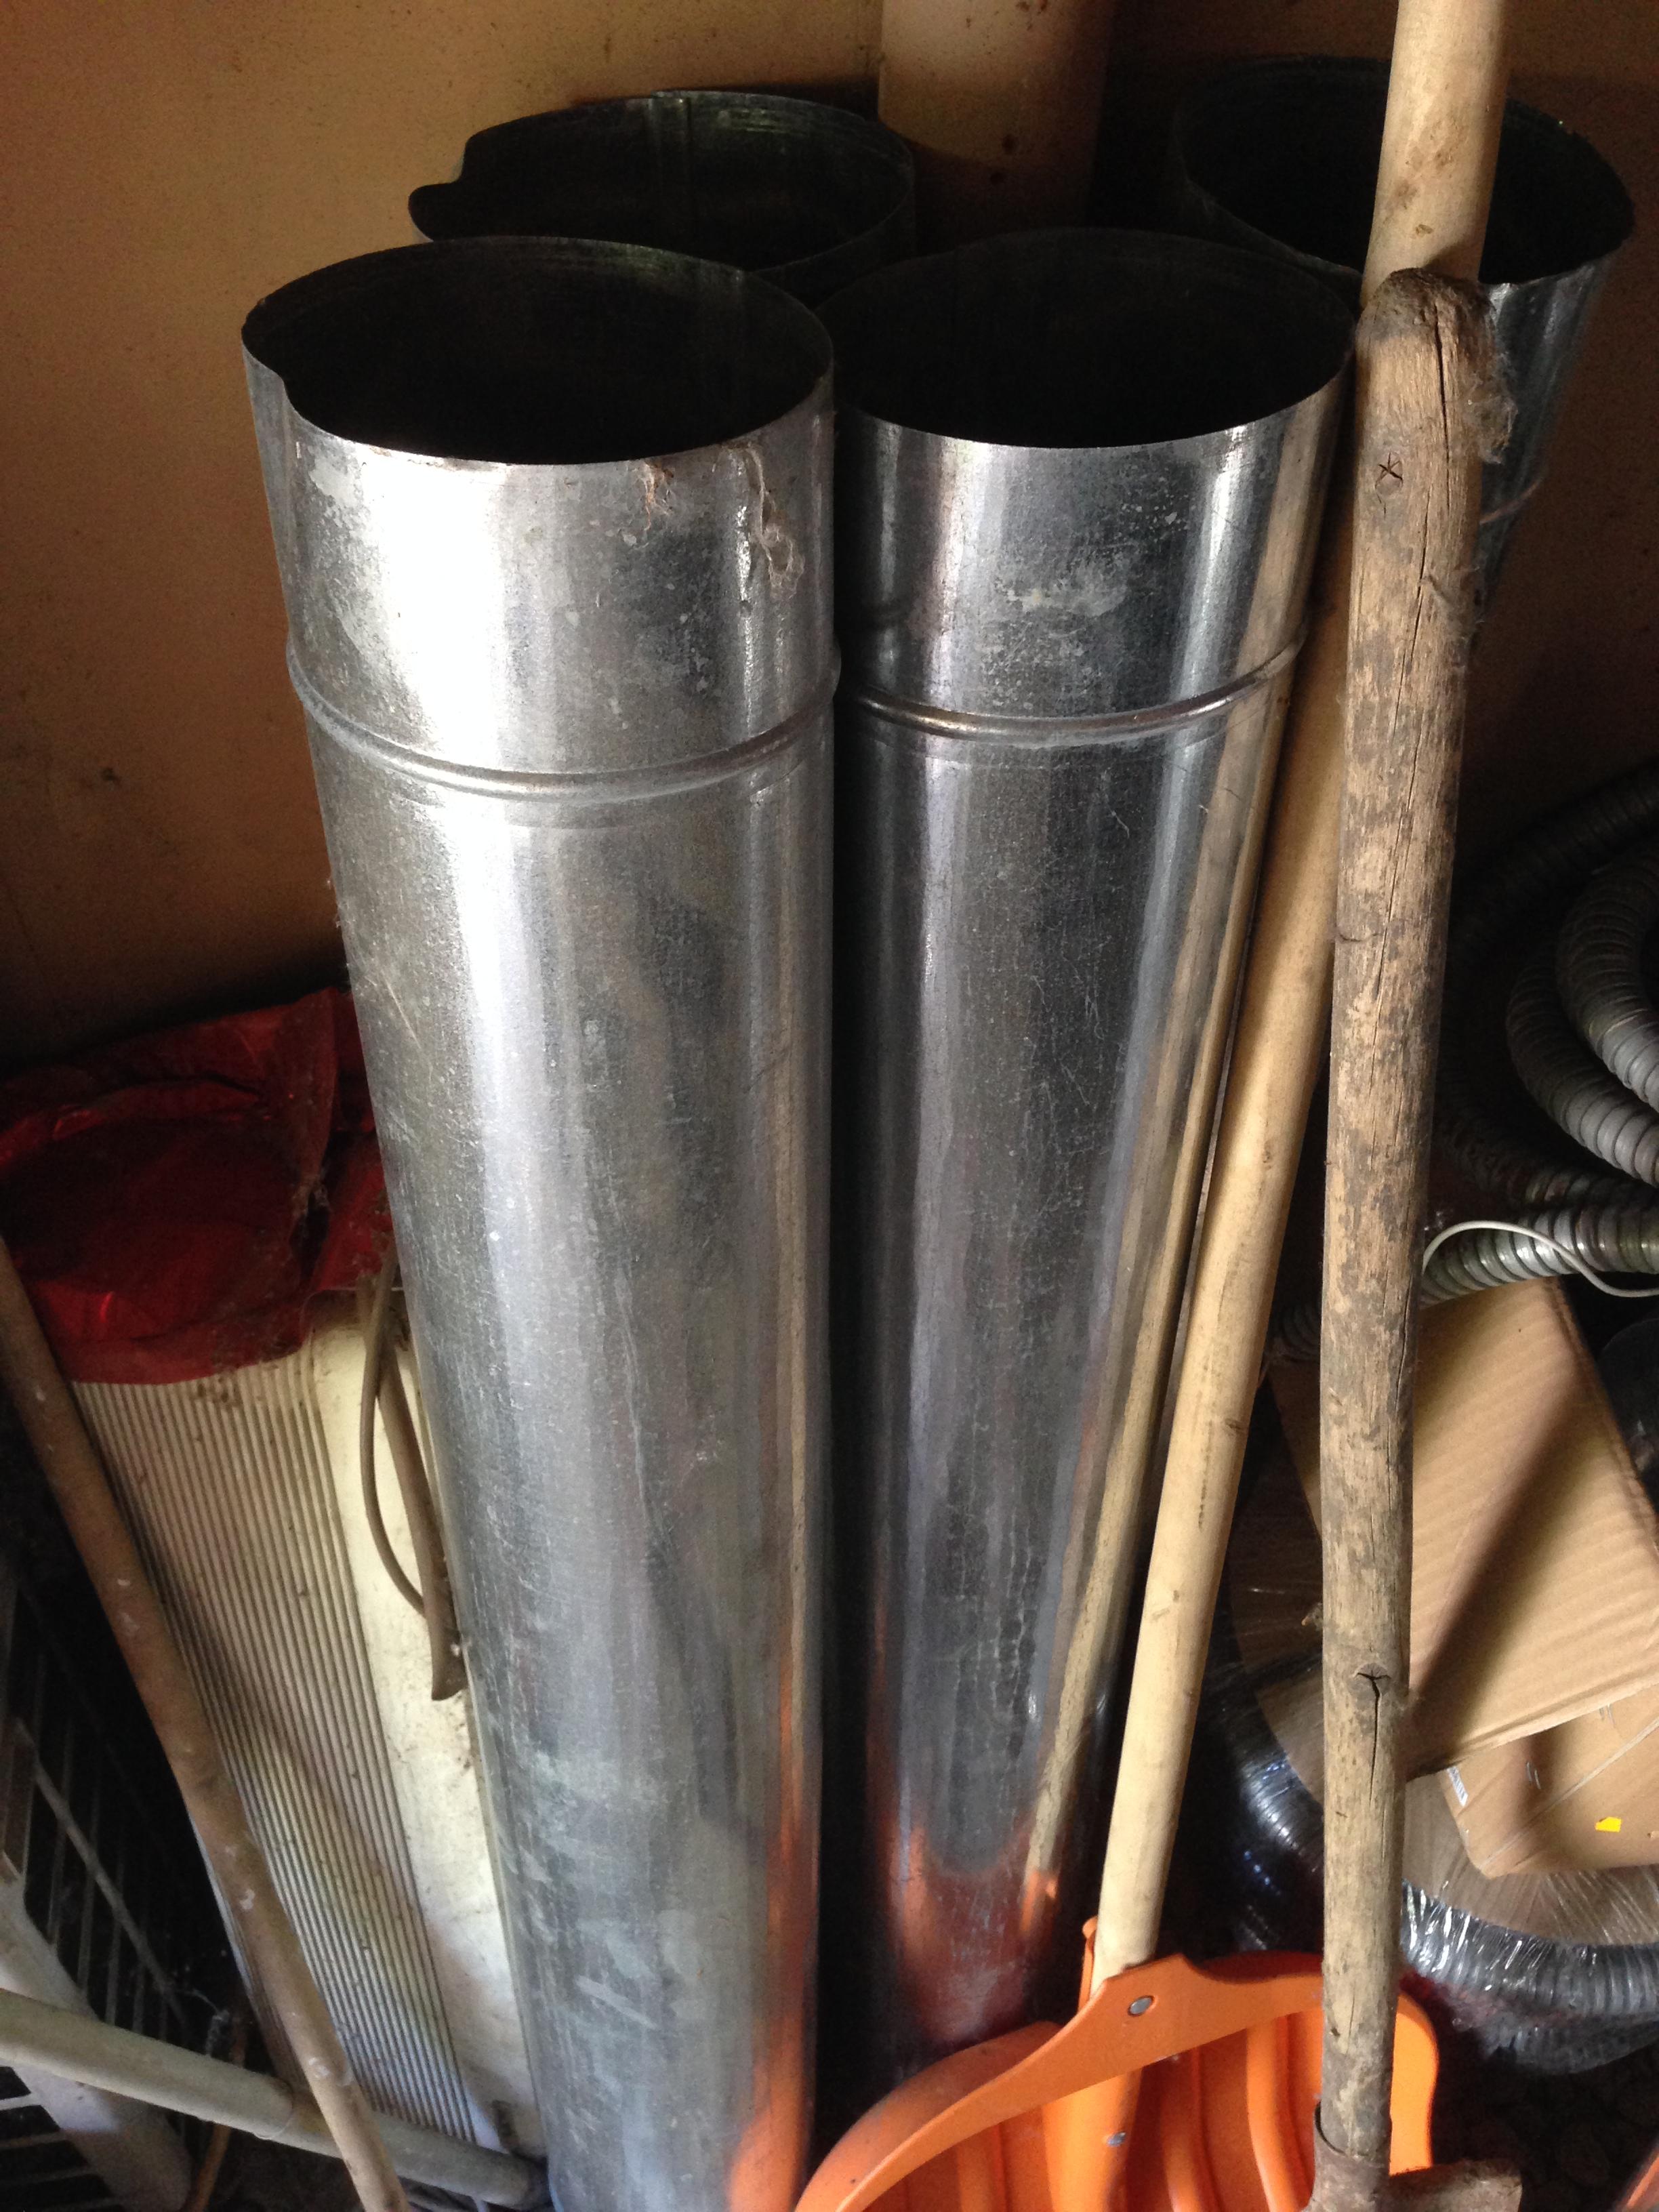 Вентиляционные трубы 160мм (оцинковка) - купить в интернет магазине с доставкой, цены, описание, характеристики, отзывы